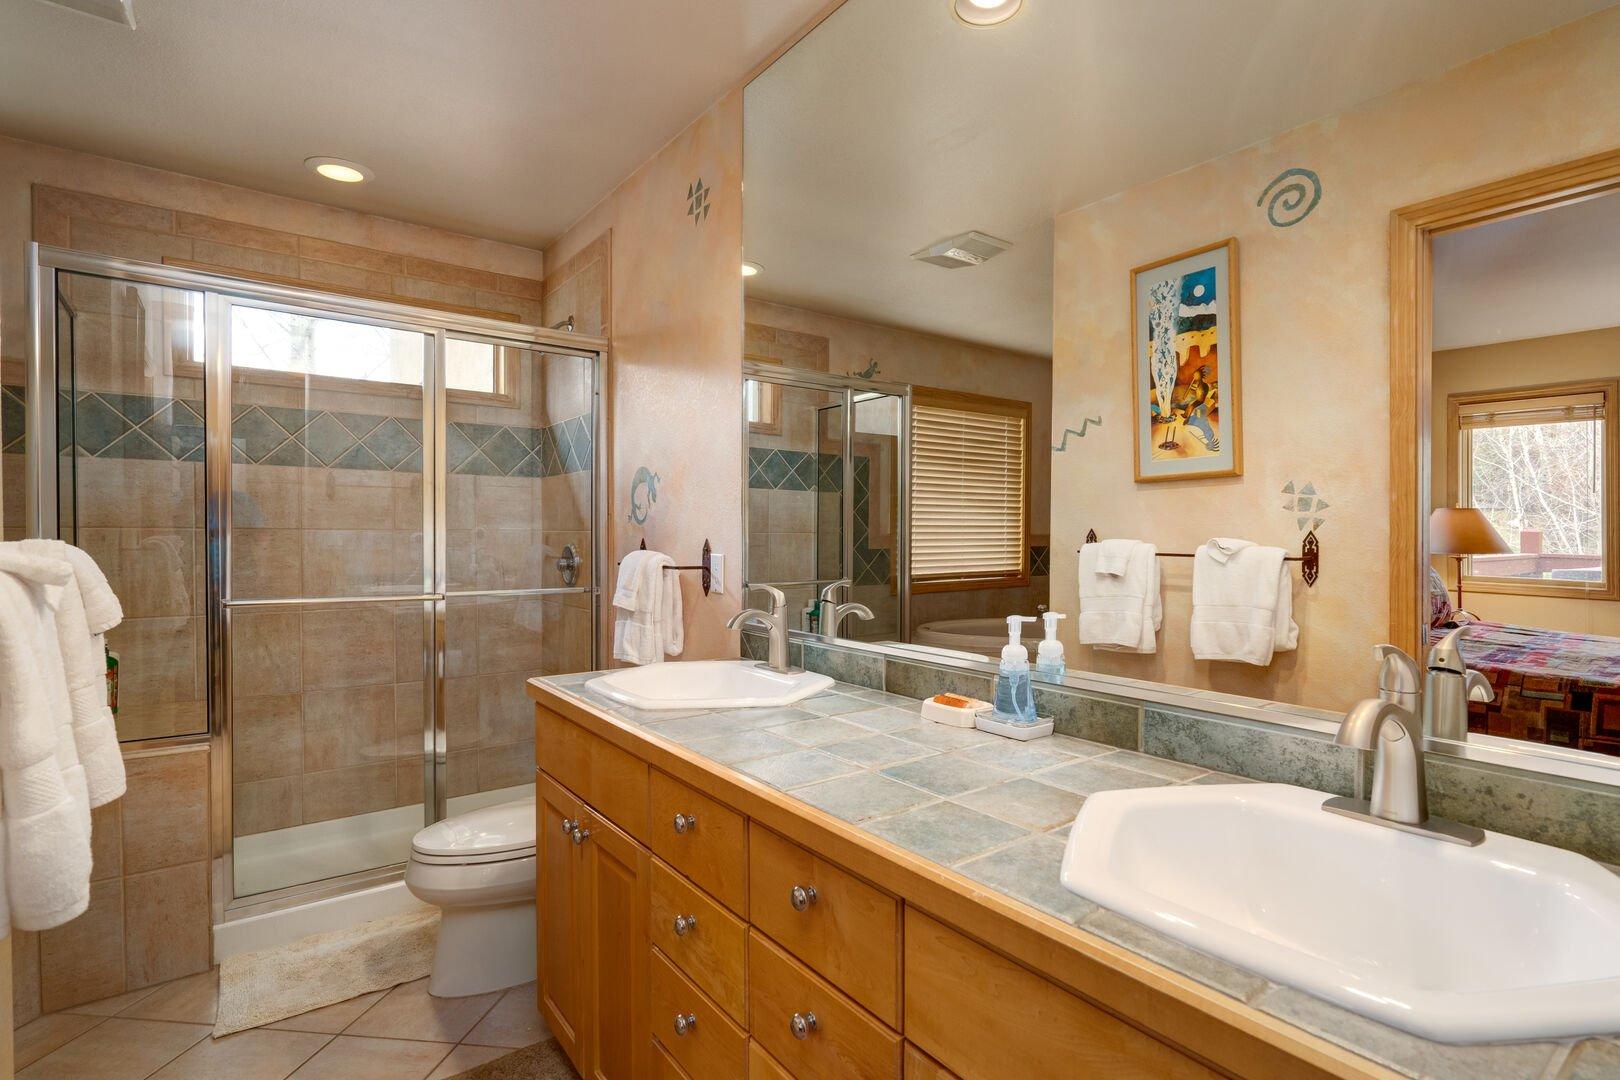 Master bath with double vanities, standing shower.